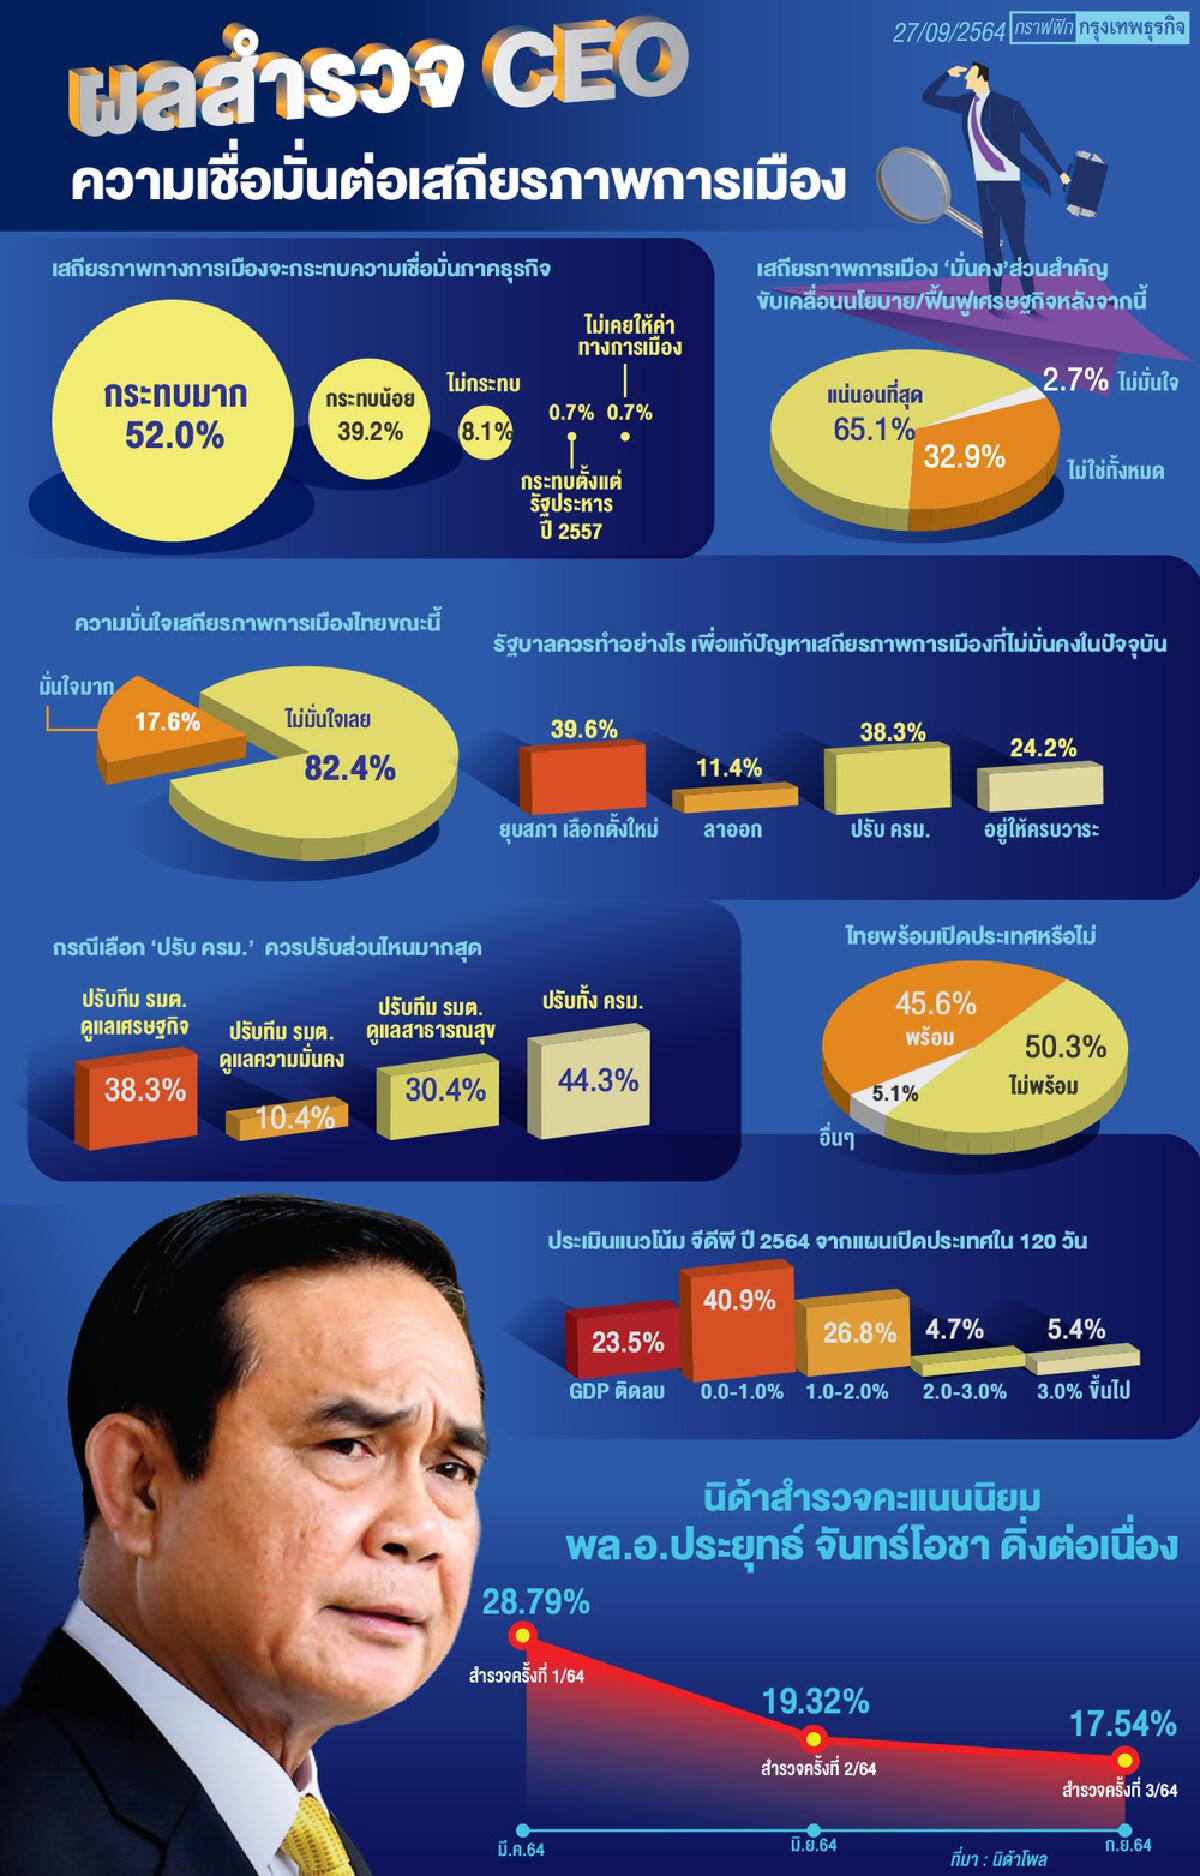 ซีอีโอชี้การเมืองไทยไร้เสถียรภาพ กระทบศก.ธุรกิจ แนะ ยุบสภา-ปรับครม.